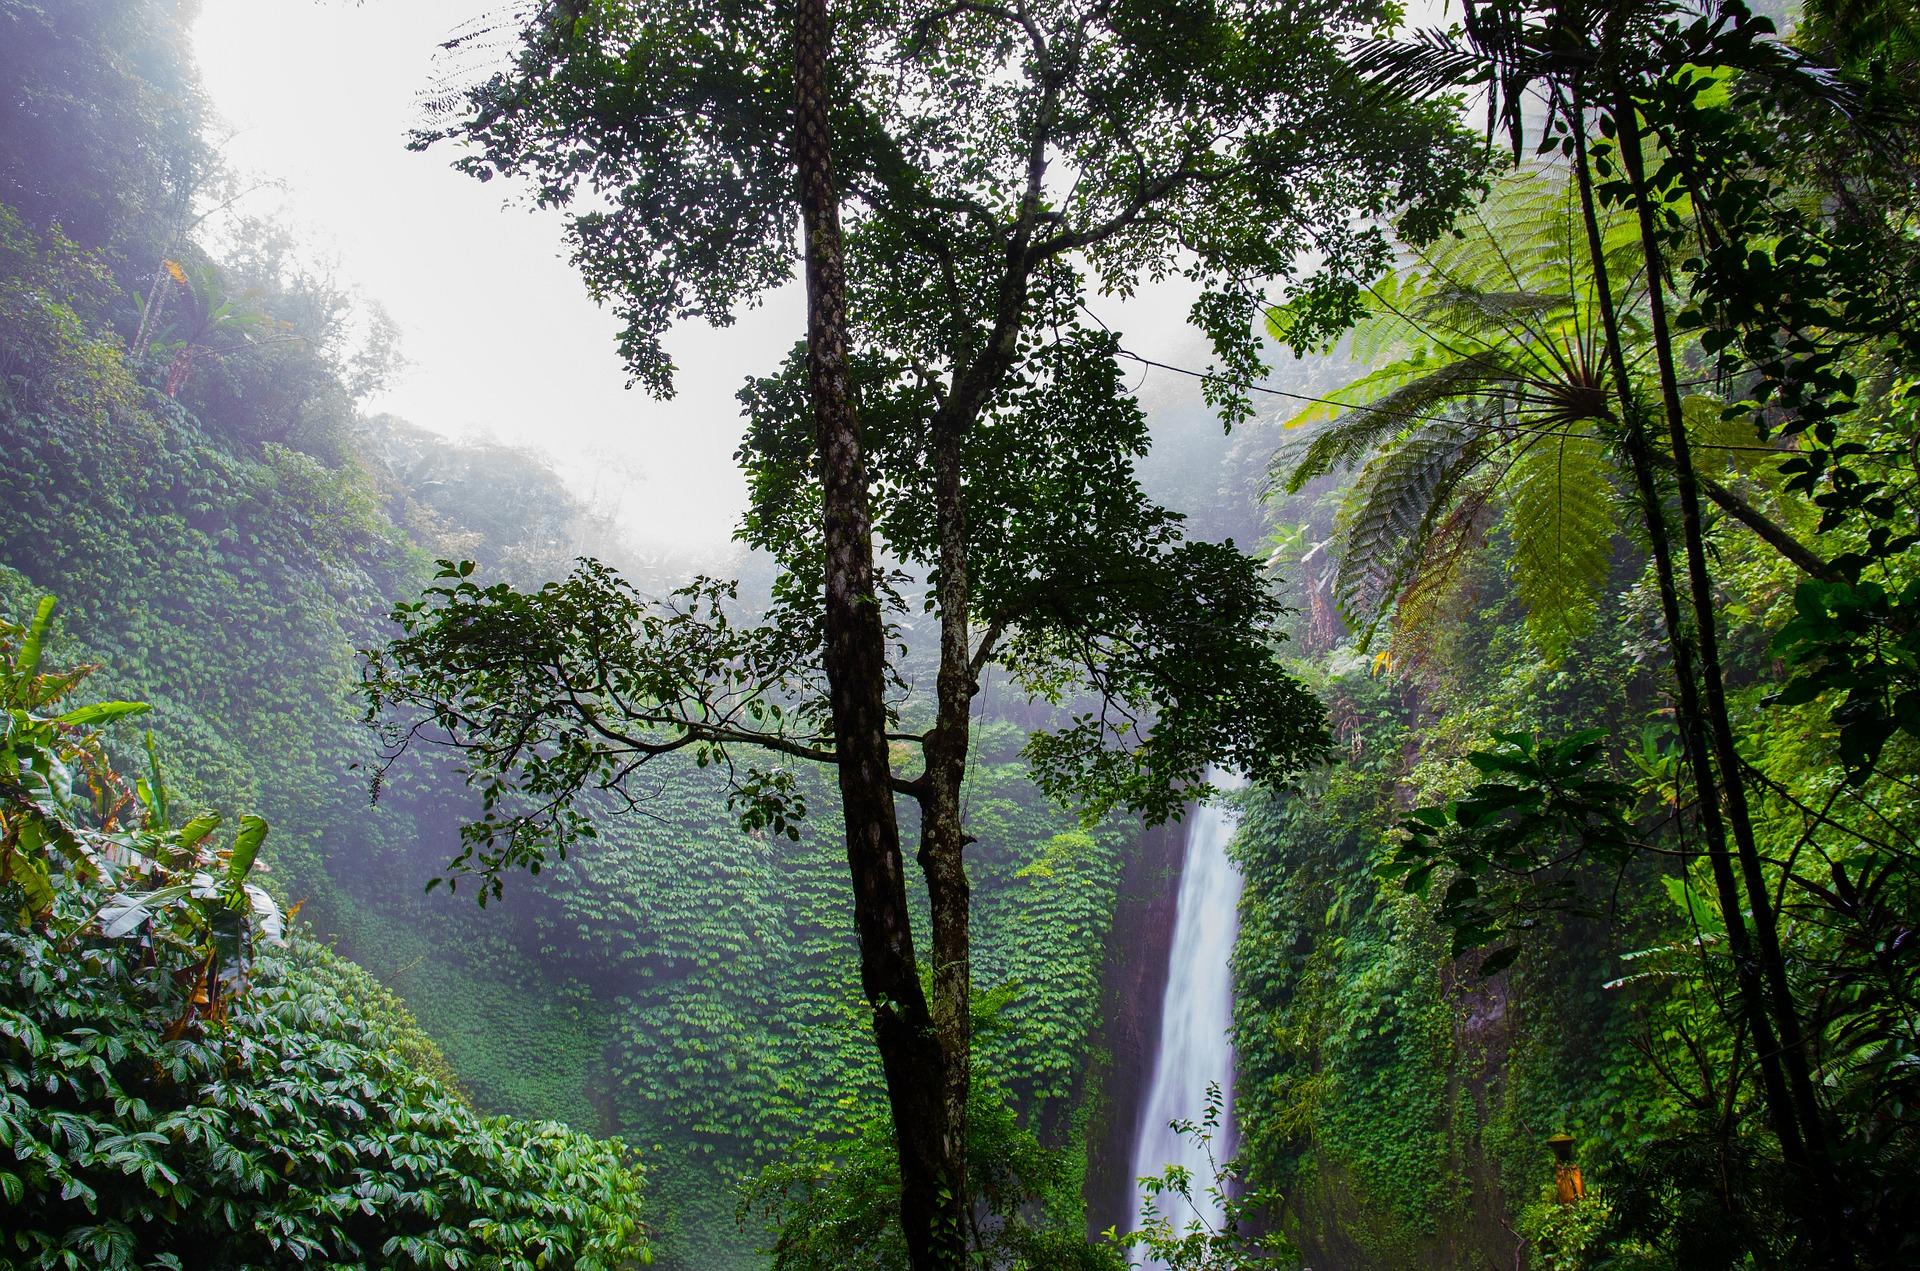 Unsere Tropenwälder und die Bäume zu schützen, ist ein zentraler Punkt bei der Bekämpfung der Klimaprobleme. Fotocredit: © Rudy and Peter Skitterians/Pixabay